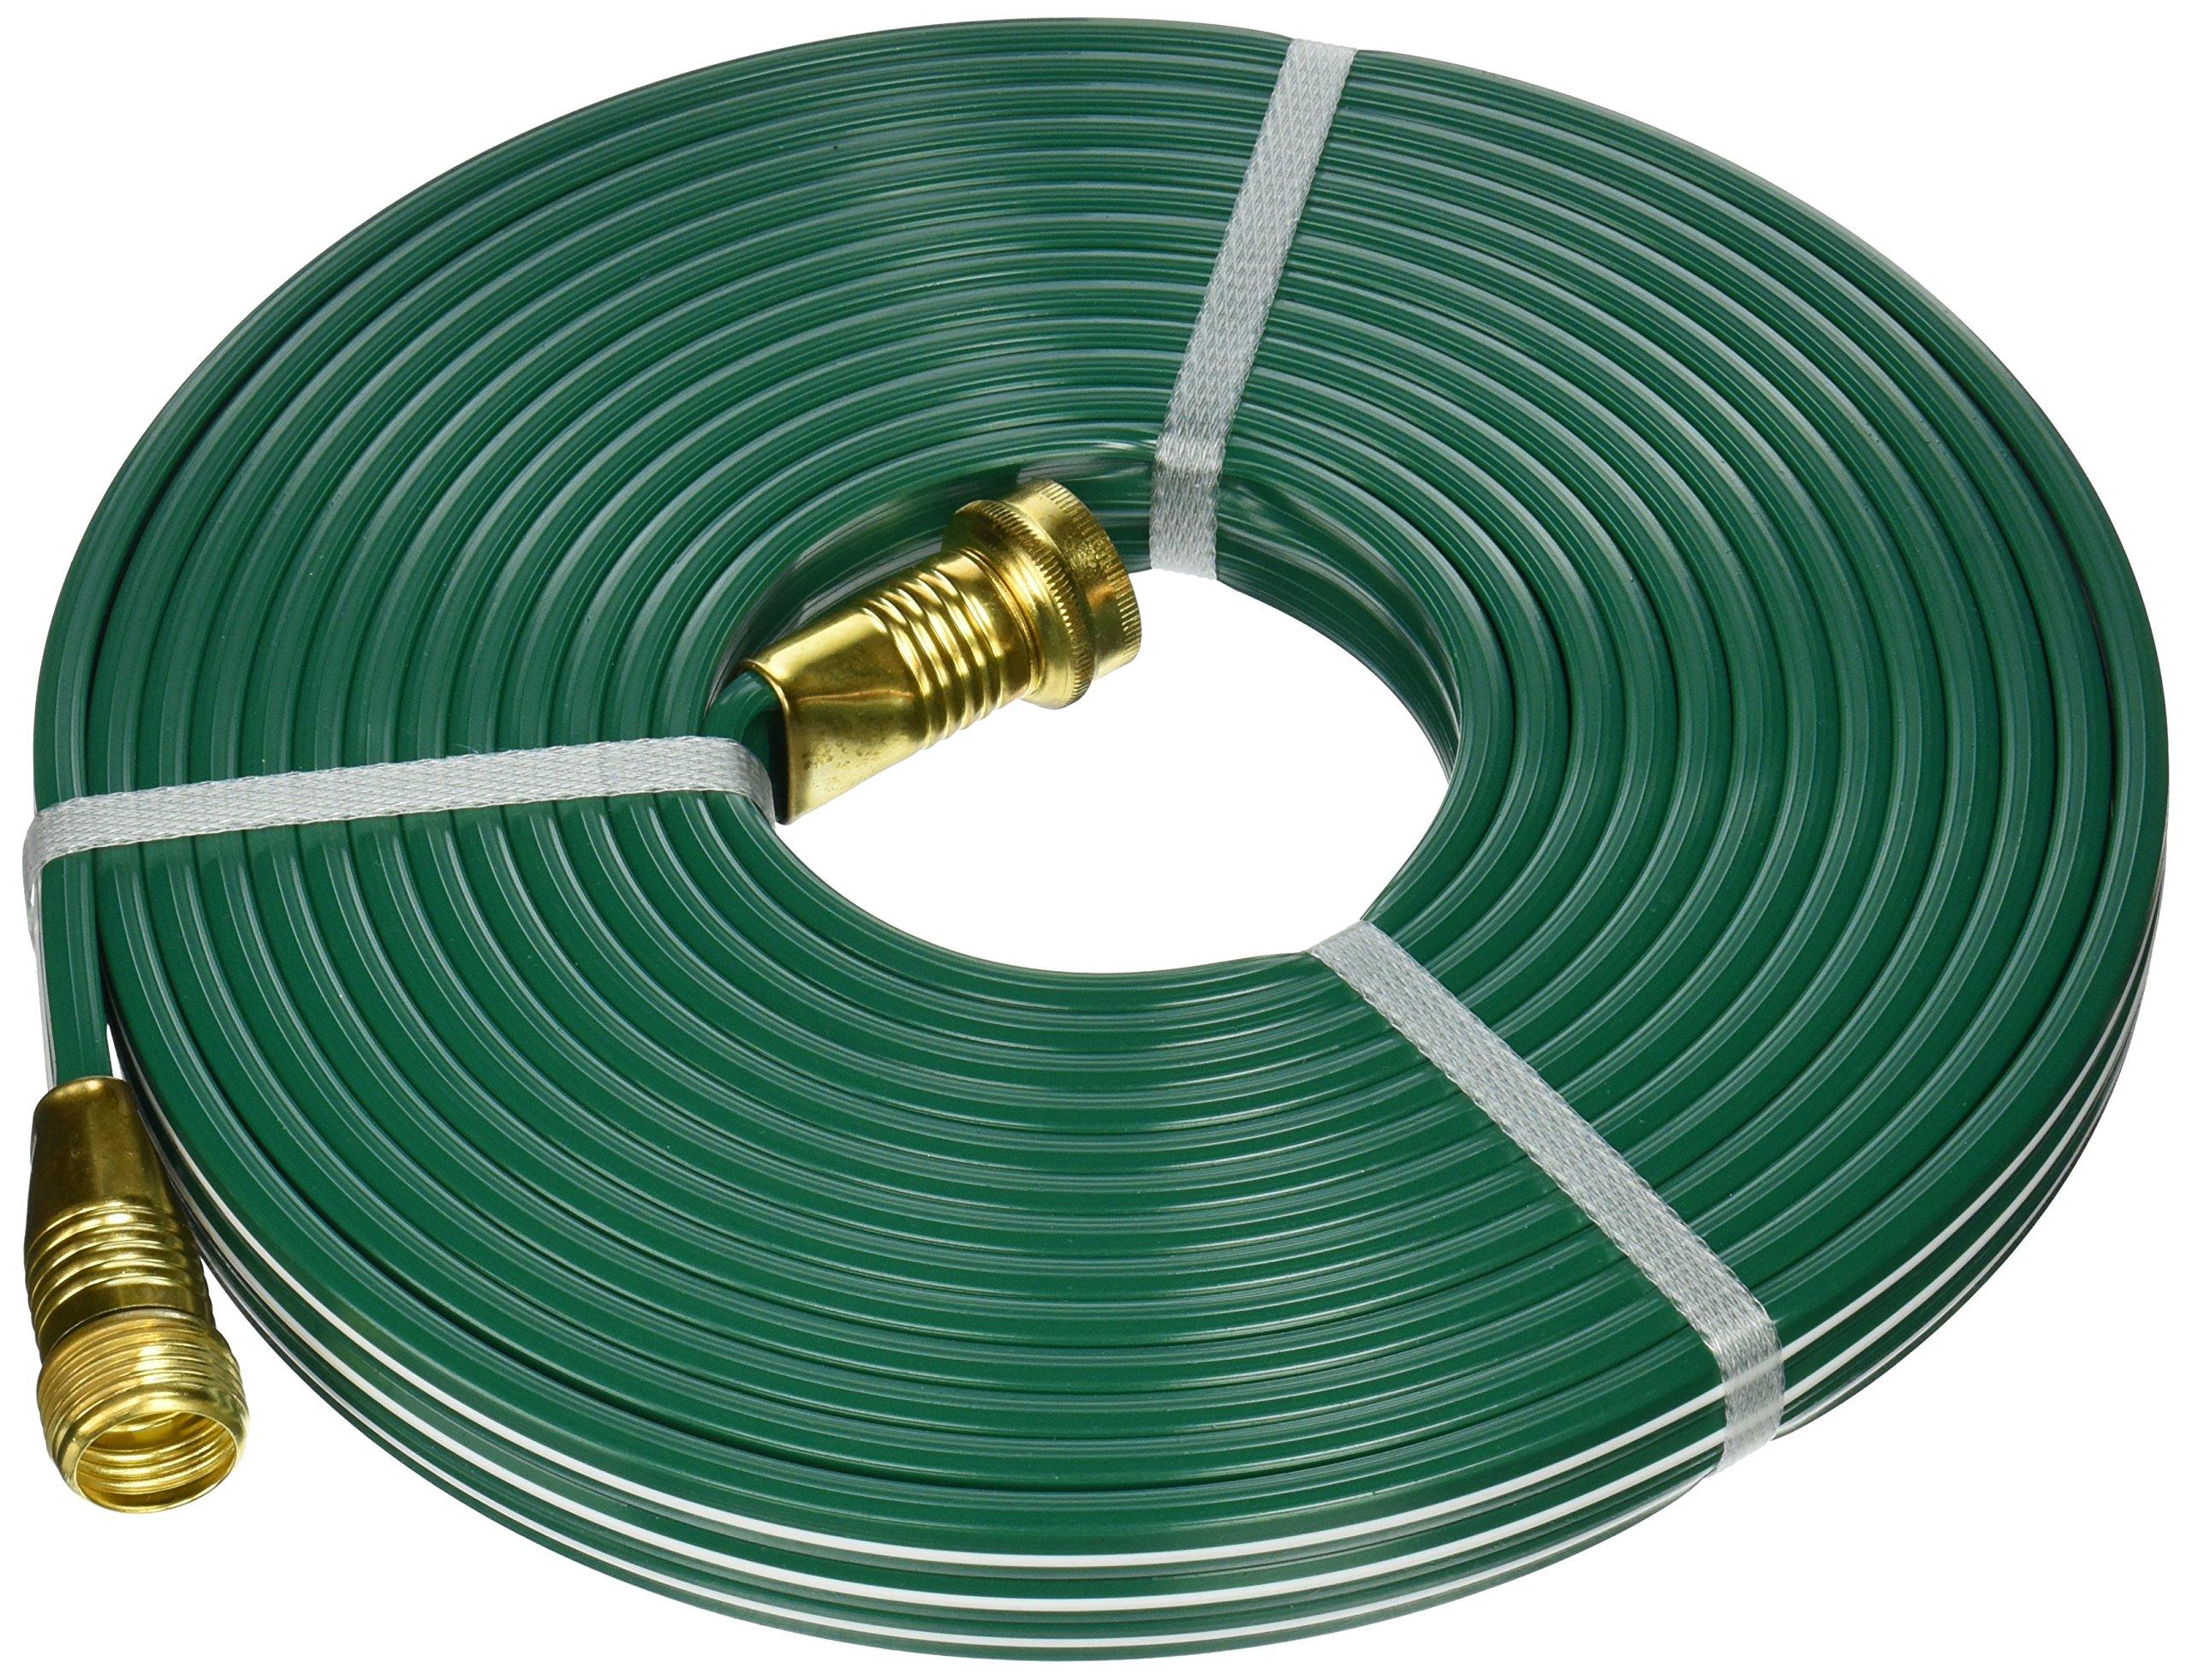 14a9e20bcf9 Get Quotations · Flexon 25-Foot Three Tube Sprinkler Hose FS25